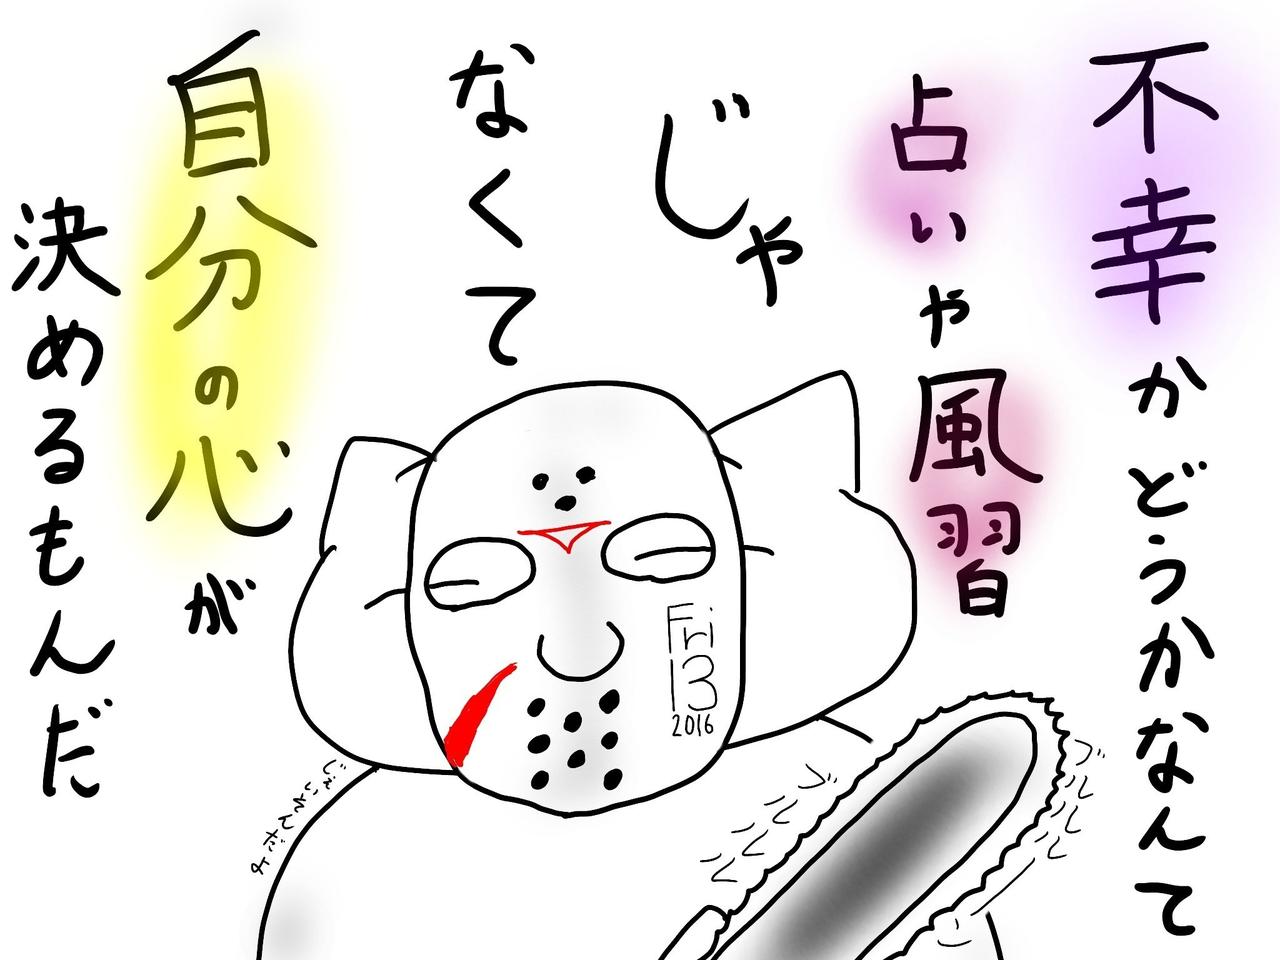 #ほほえみマン 「不幸」  (13日の金曜日記念)